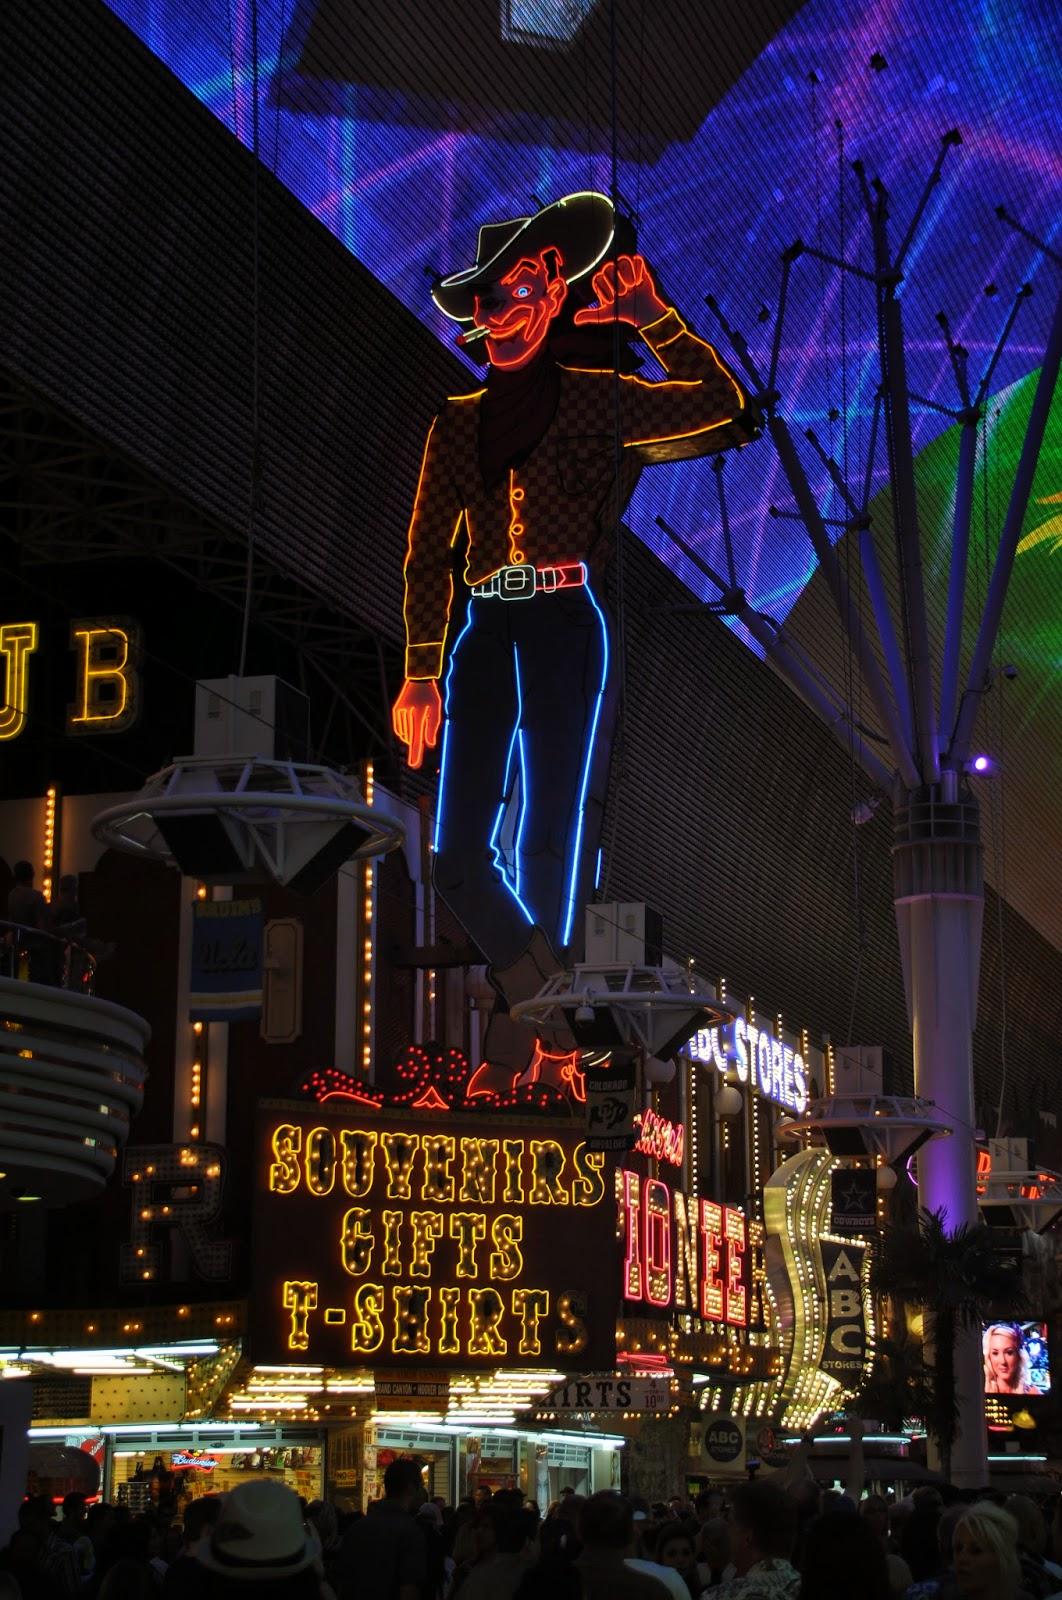 Vegas Vic - Downtown Las Vegas